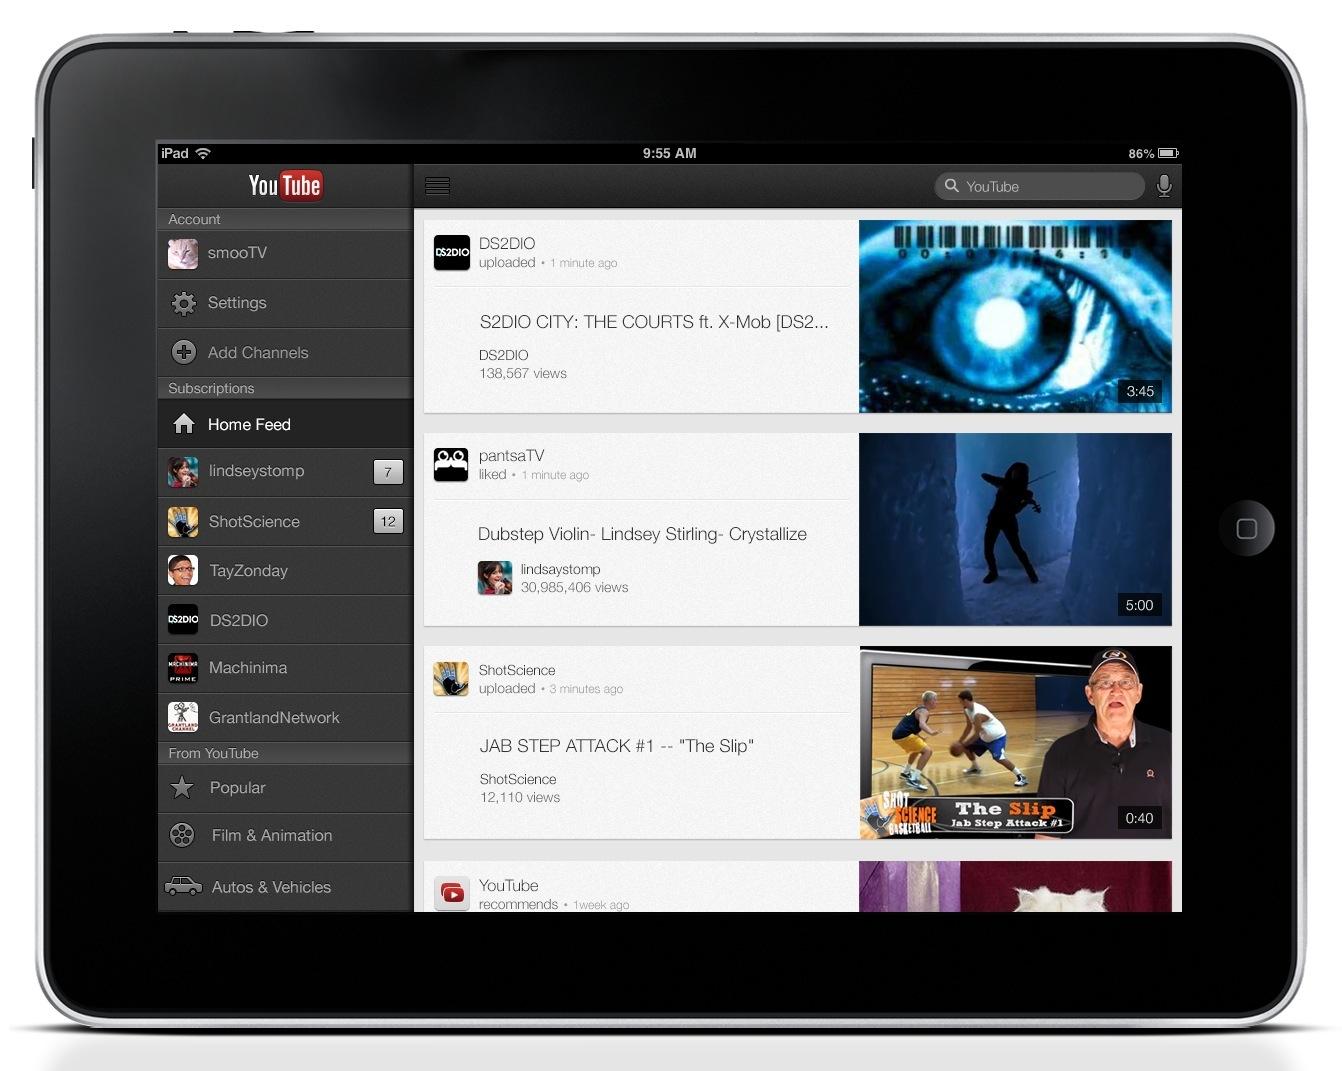 Los mejores ejemplos de marketing creativo en YouTube: 7 vídeosinteractivos